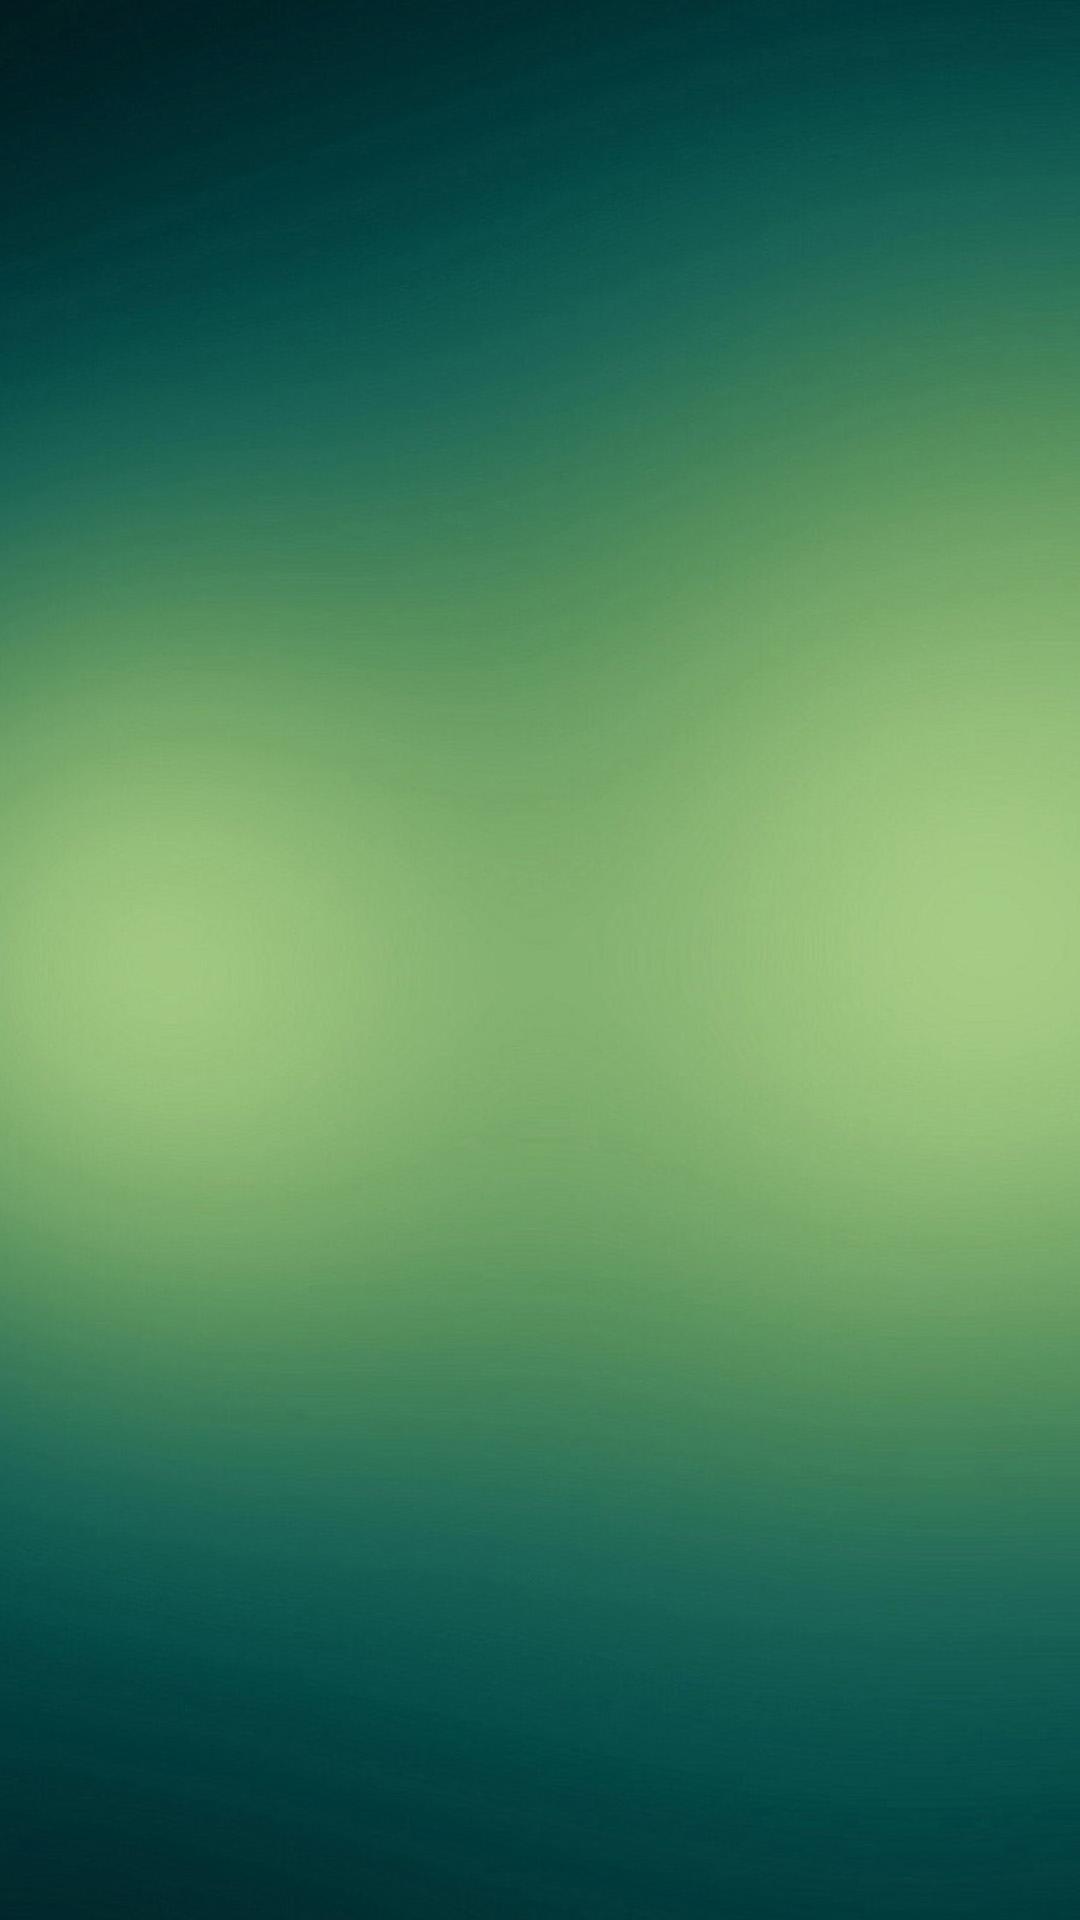 Blue green textures